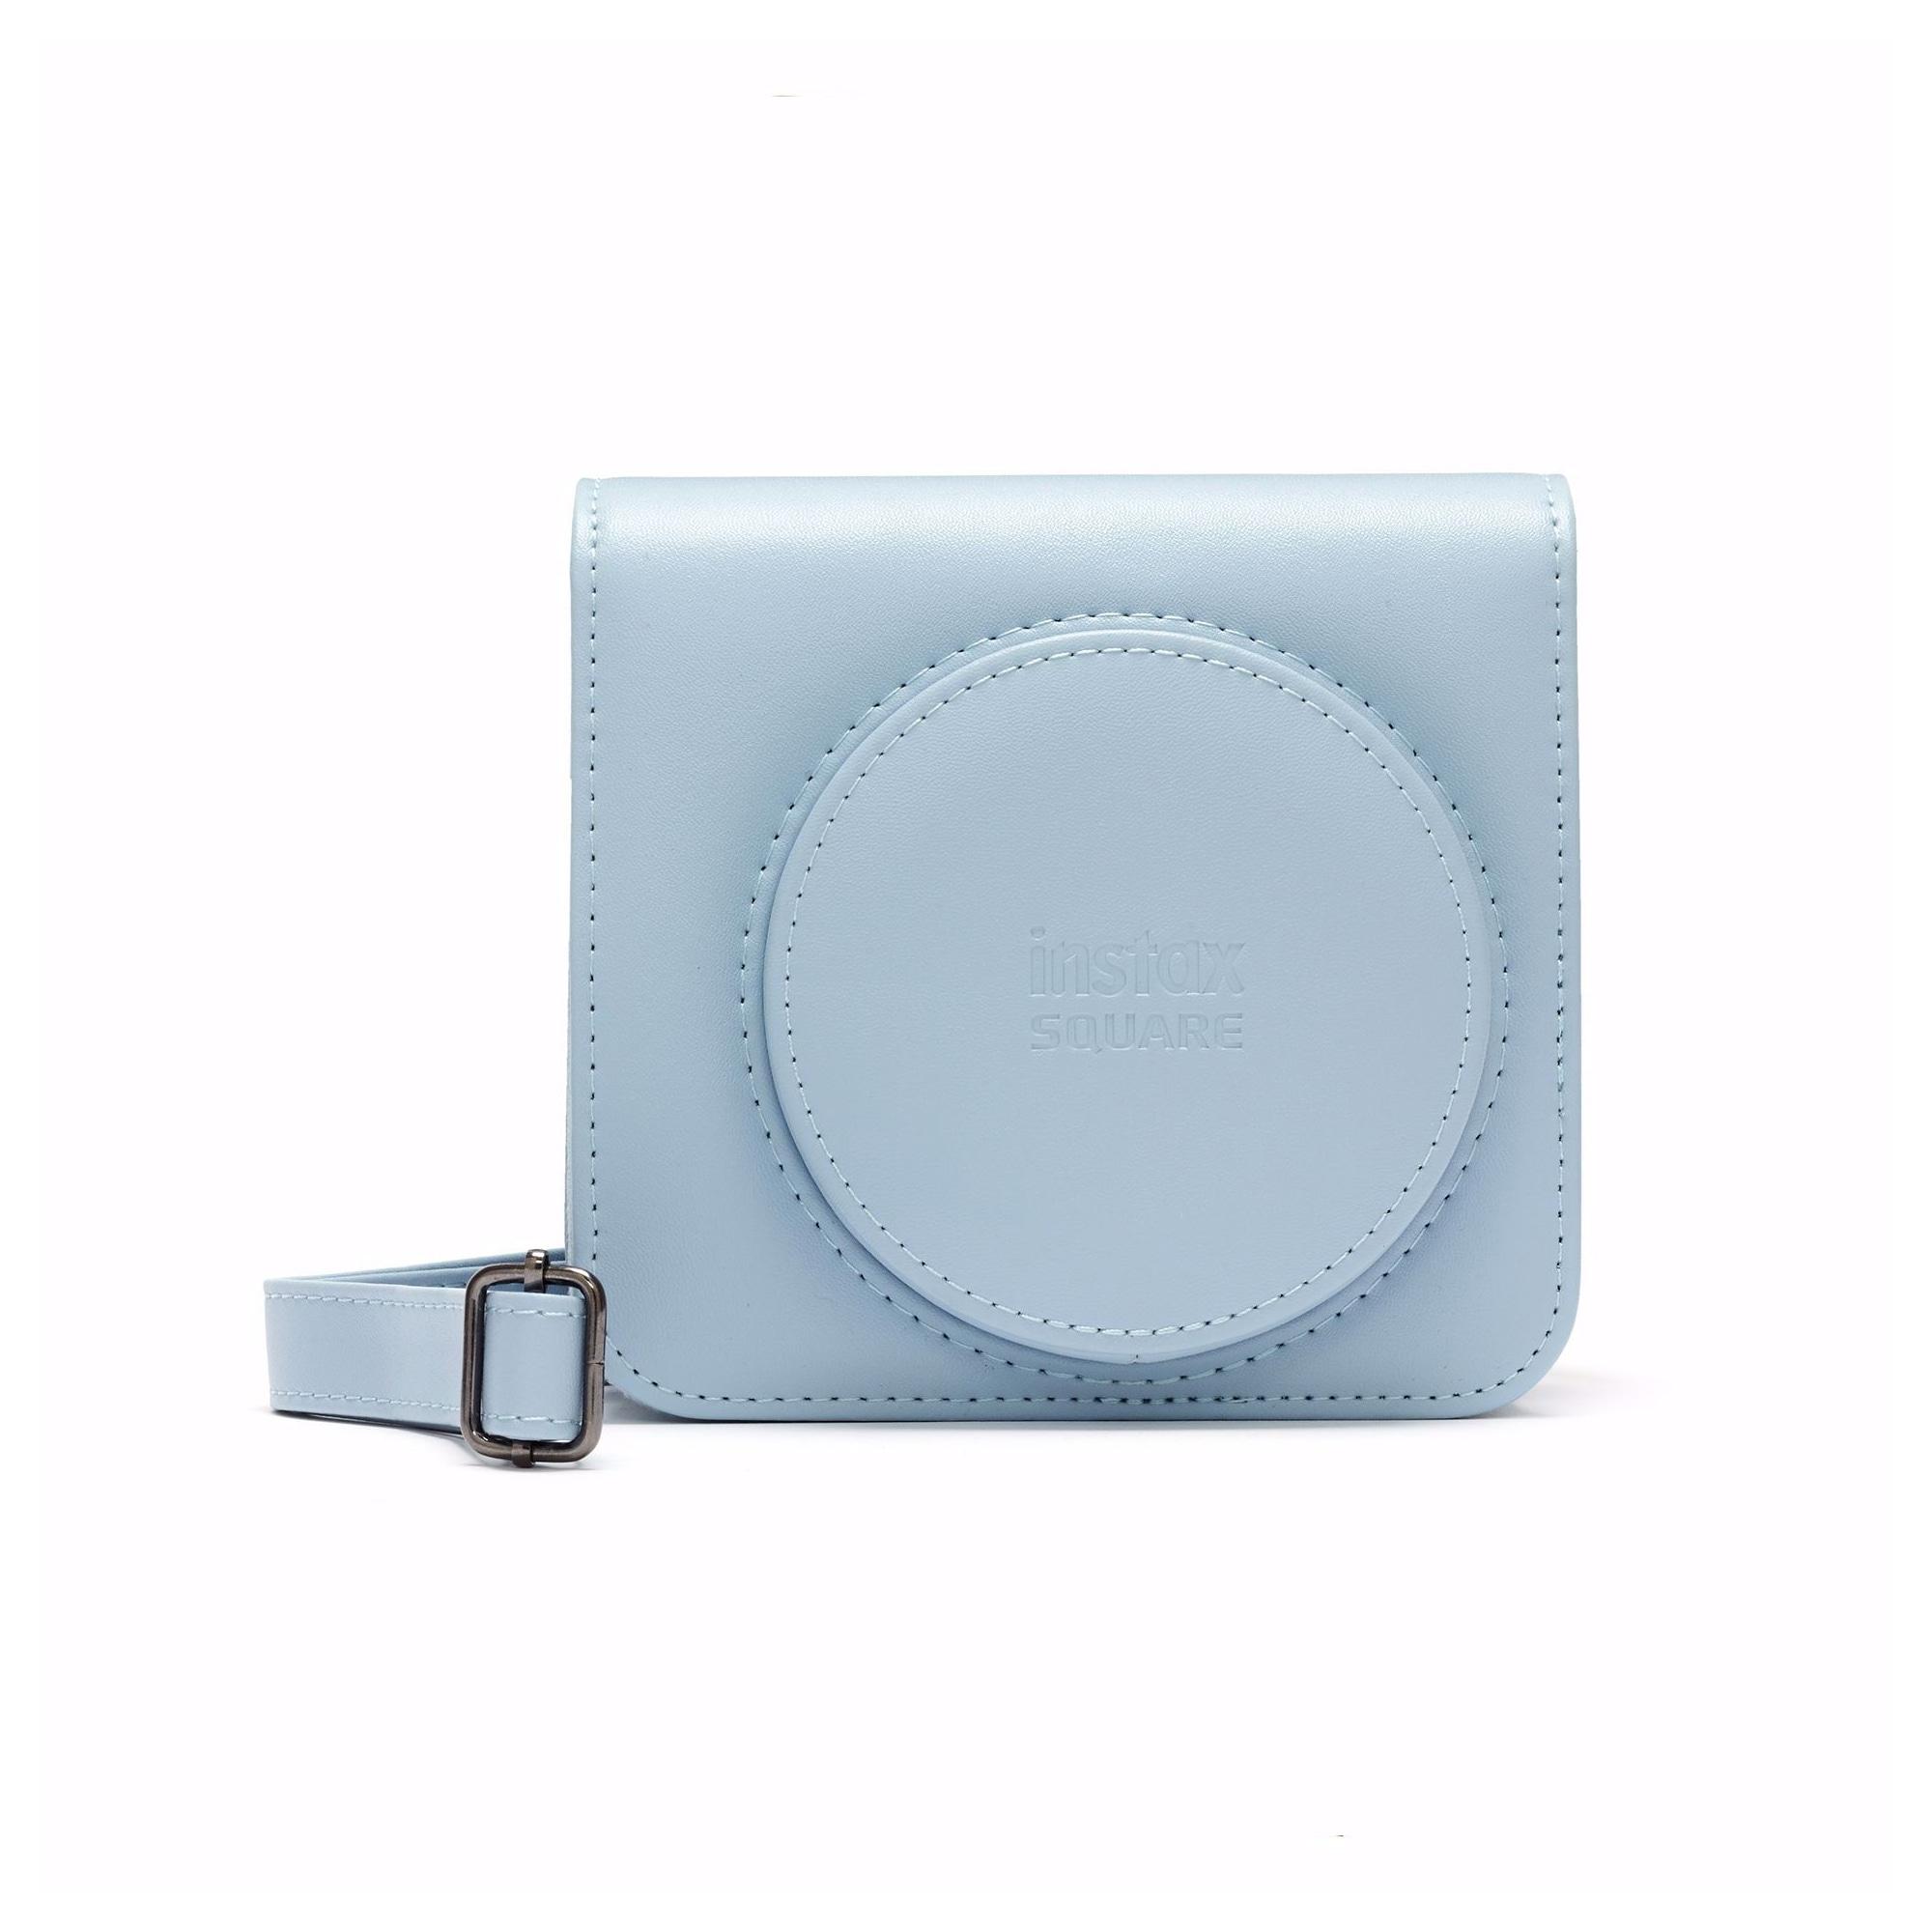 Fujifilm Instax Square SQ-1 Case Glacier Blue